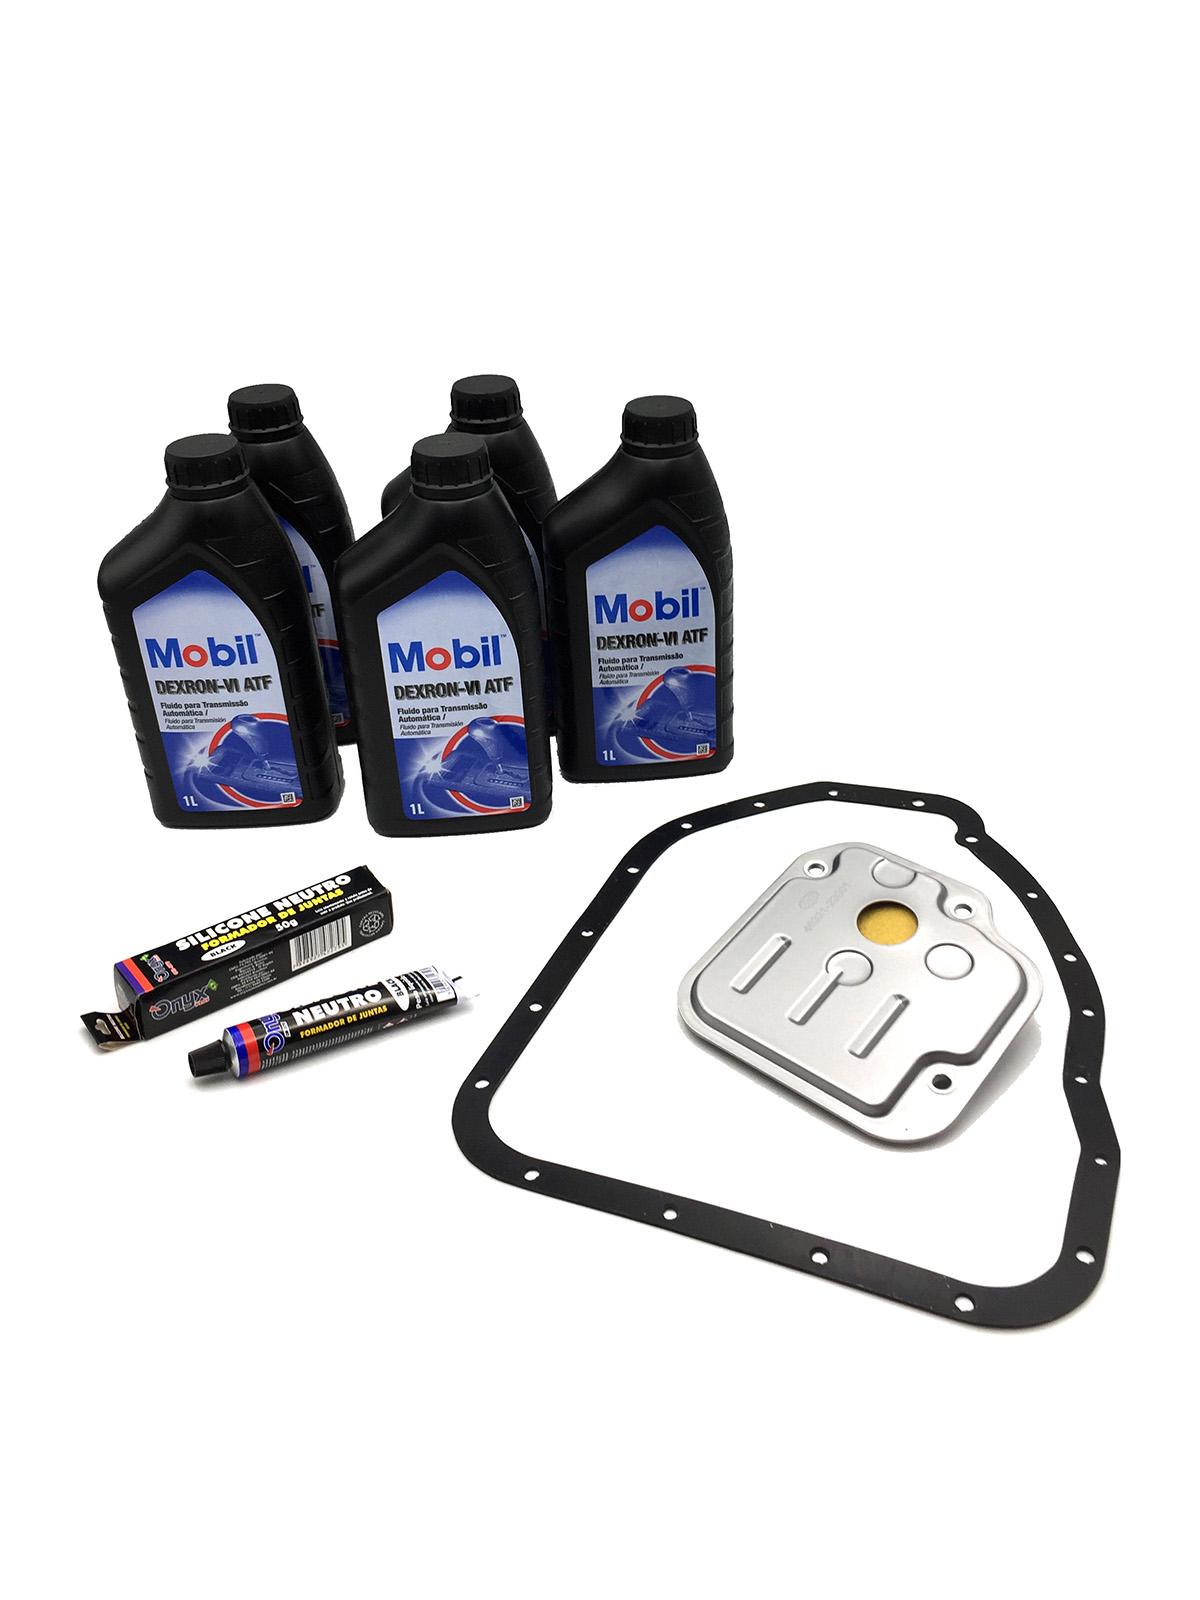 Kit Troca de Óleo Mobil Dexron VI (05 Lts.) com Filtro de Óleo - Câmbio A4CF1   A4CF2   A4CF0 - Kia e Hyundai